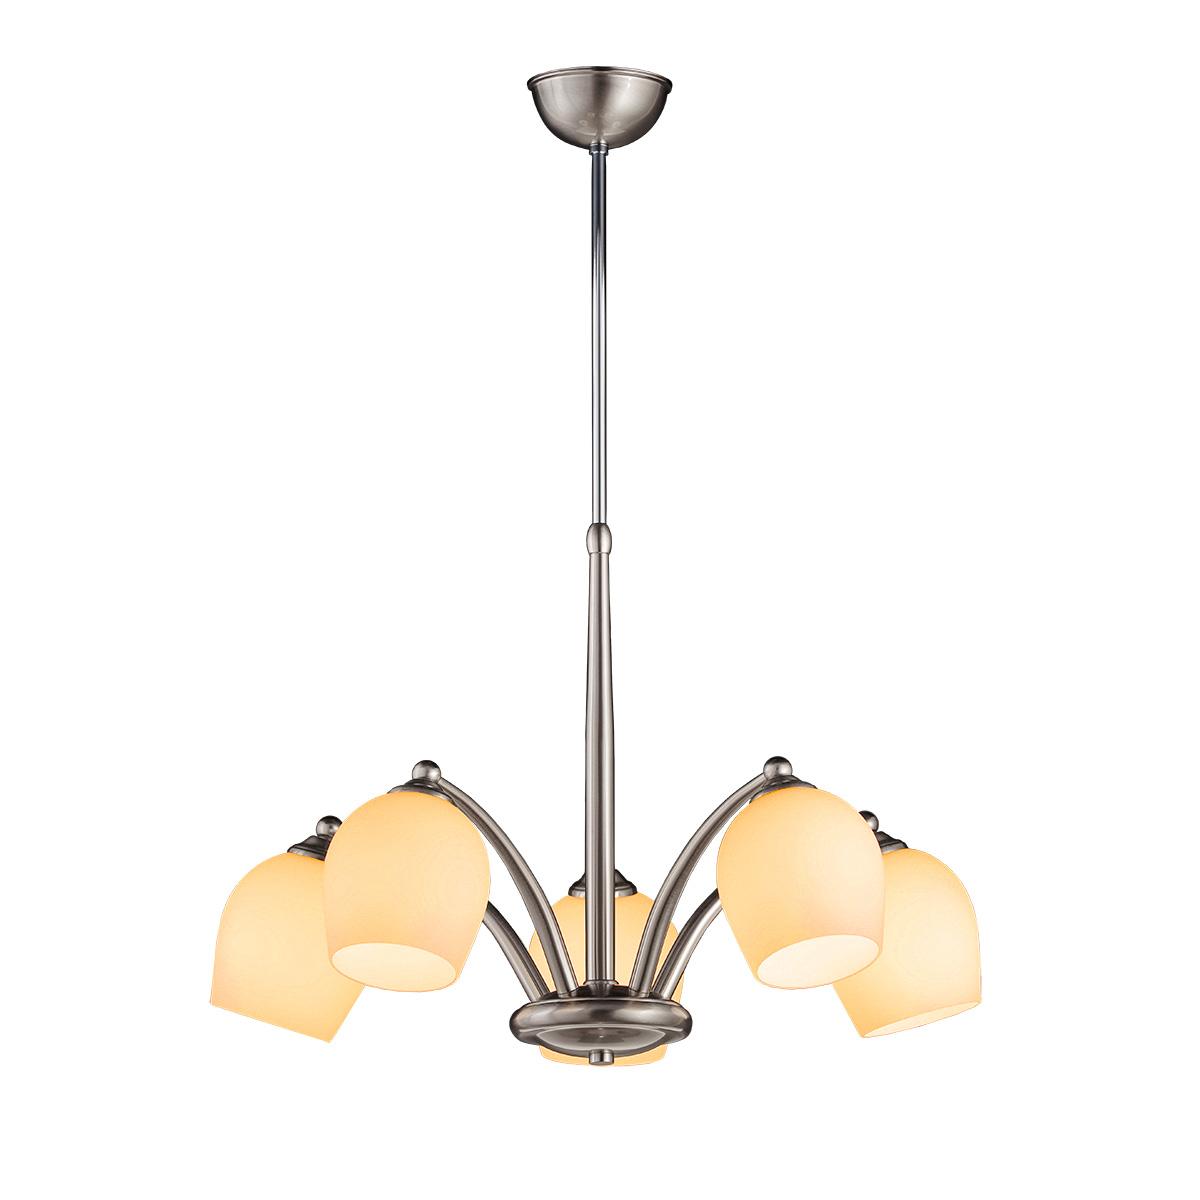 Φωτιστικό 5φωτο Μουράνο SWING 5-bulb chandelier